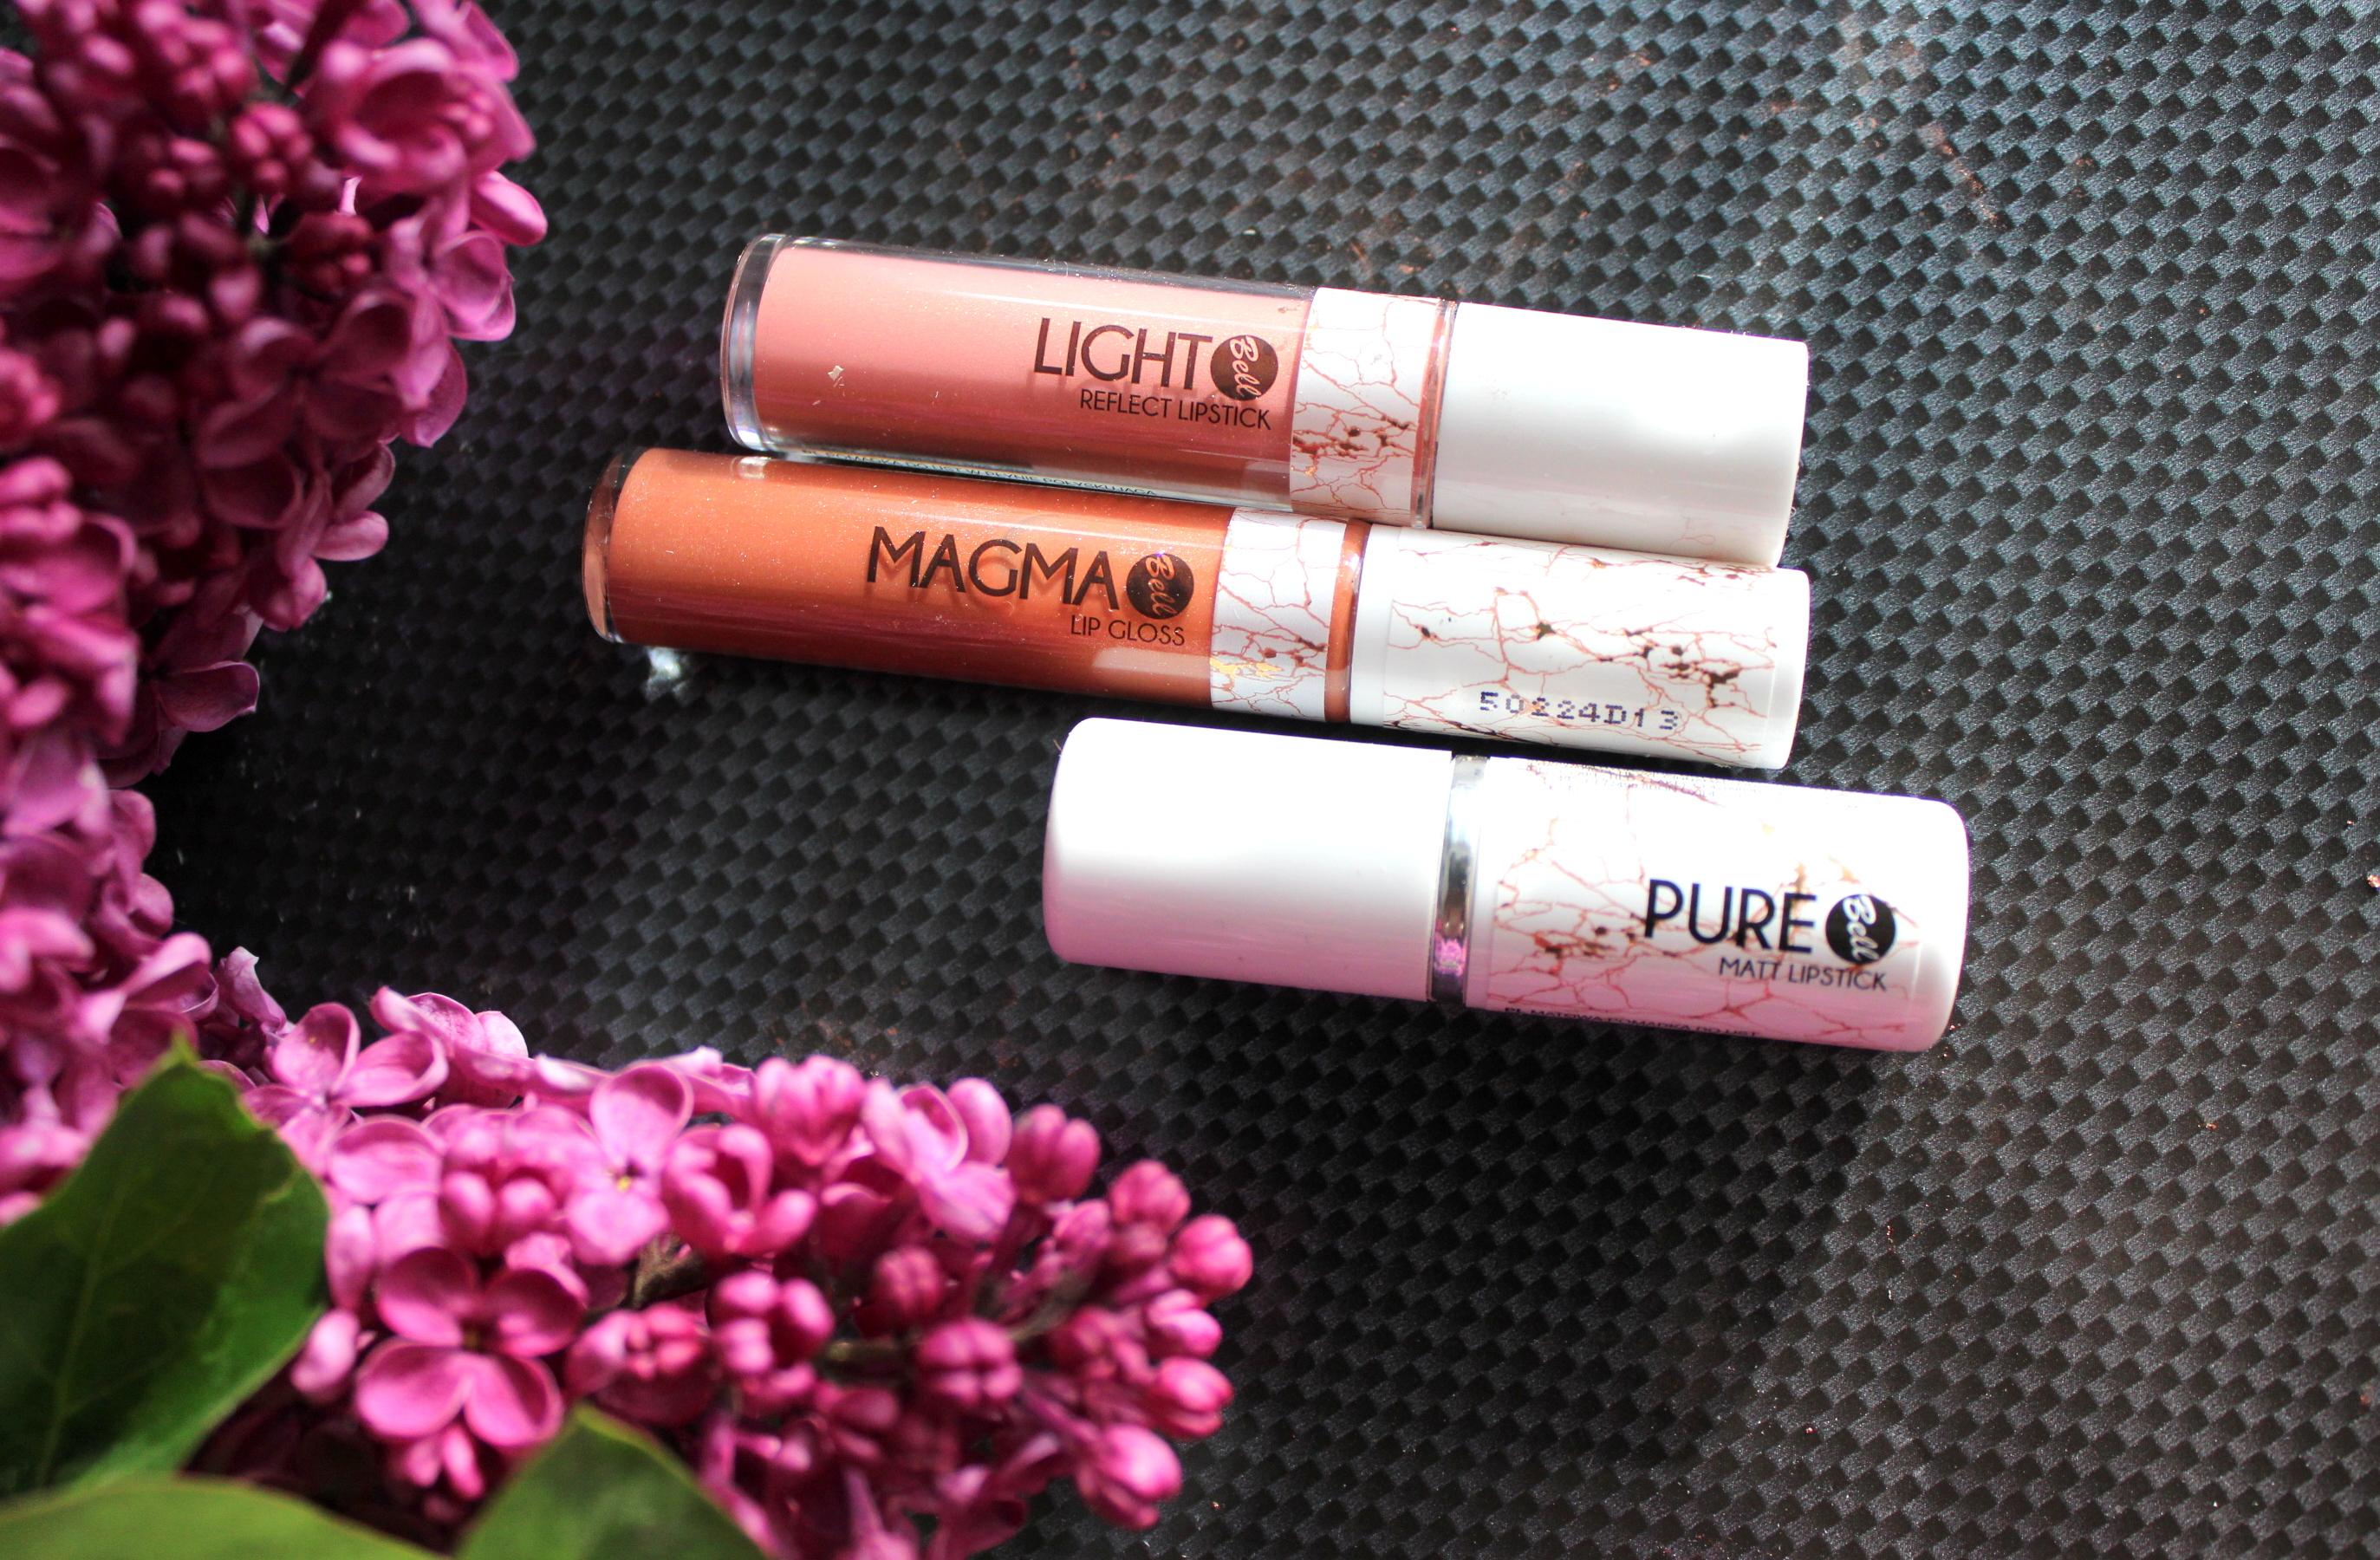 Bell Cosmetics LIGHT REFLECT LIPSTICK, MAGMA LIP GLOSS